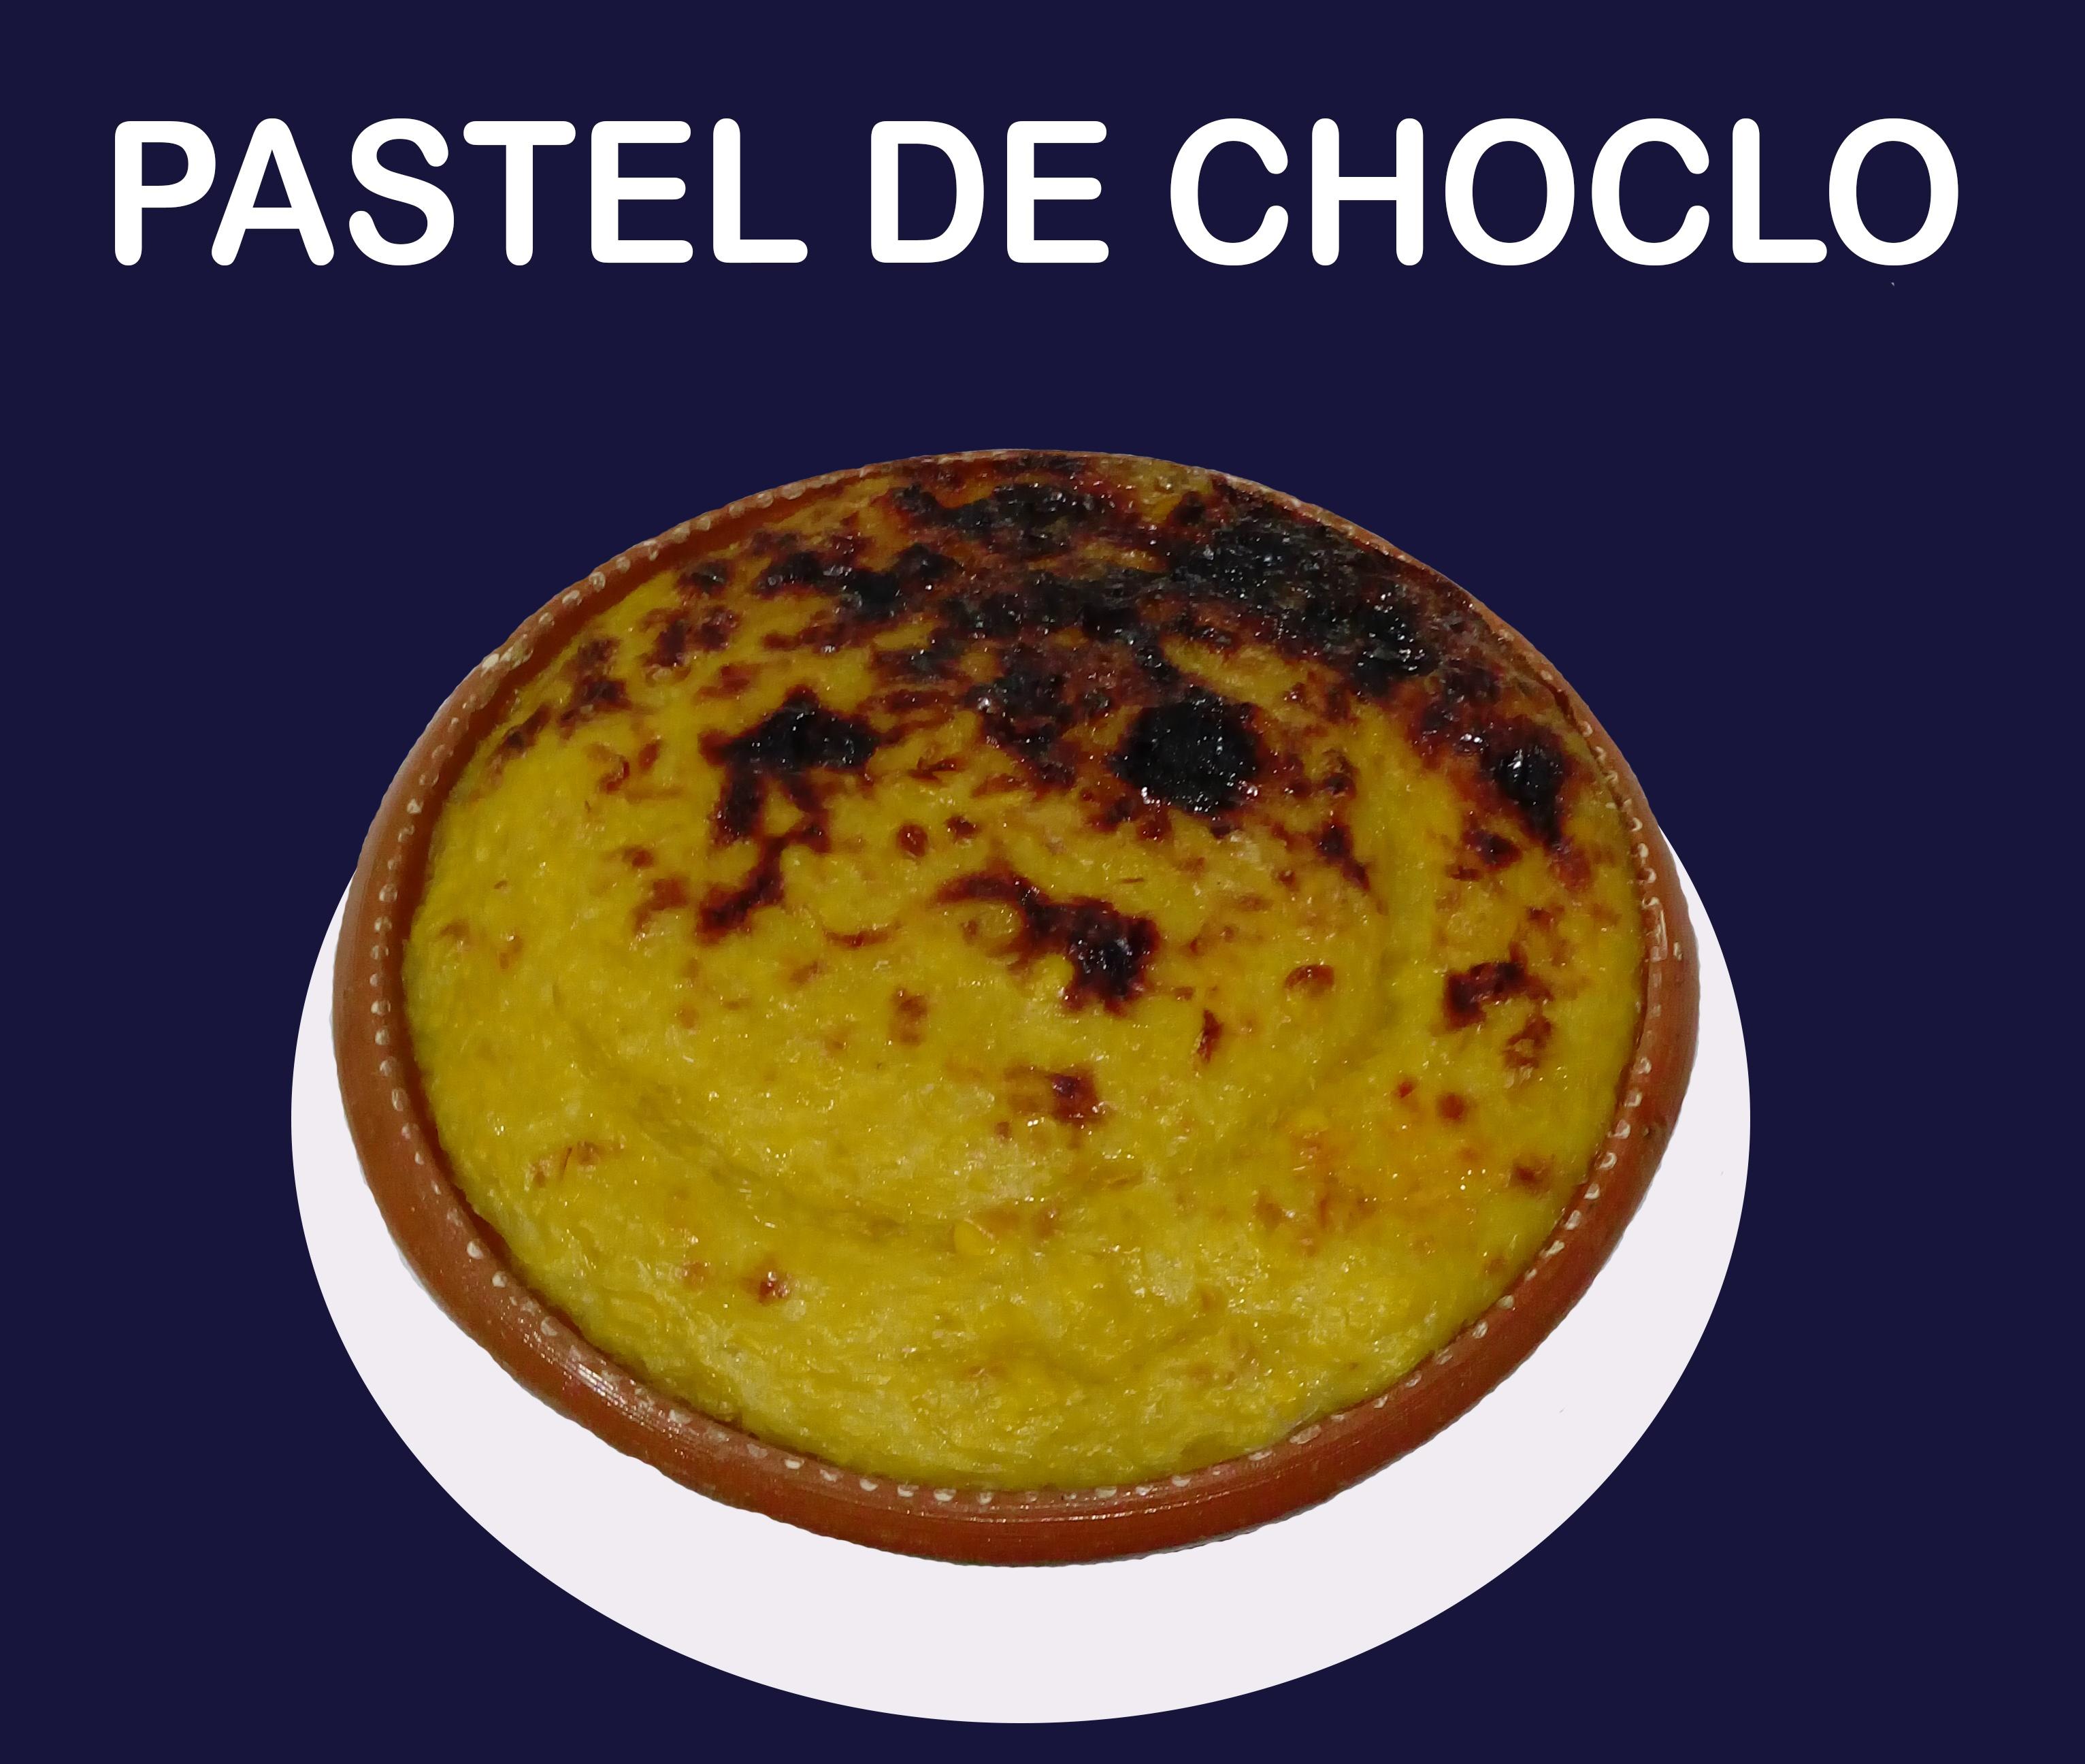 https://0201.nccdn.net/4_2/000/000/038/2d3/pastel-de-choclo-3064x2592.jpg